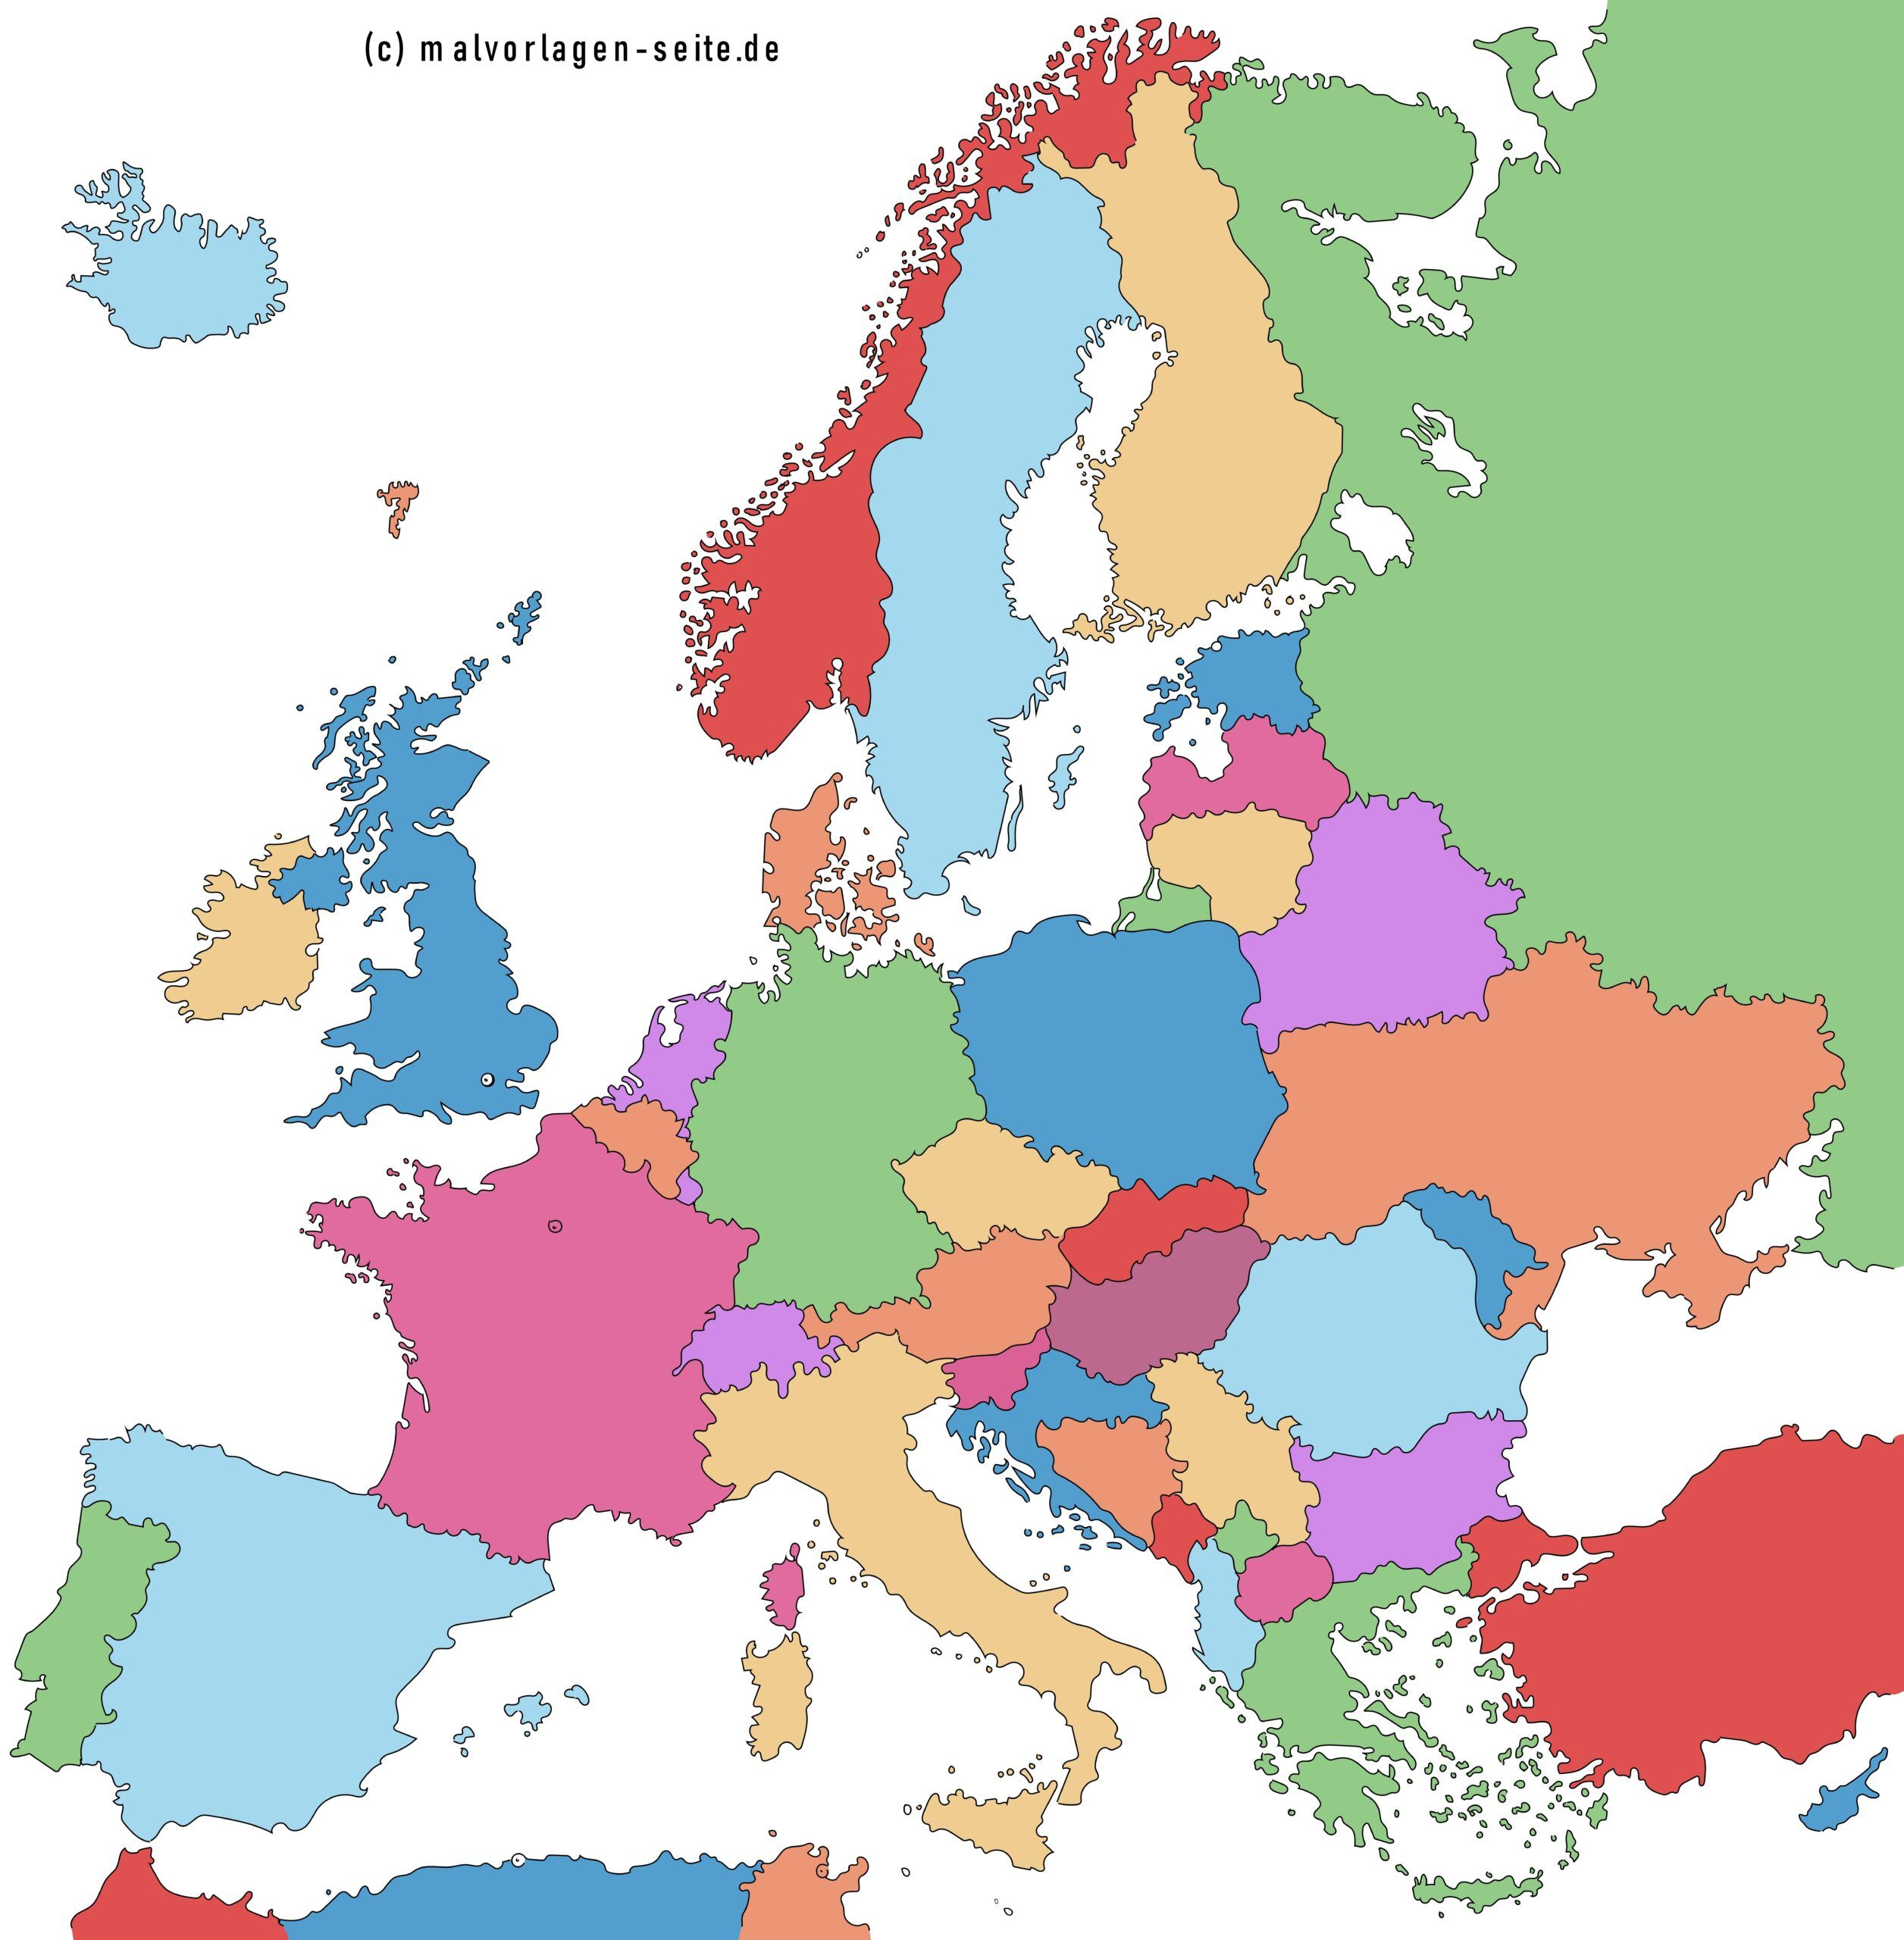 Europakarte - Alle Länder In Europa Und Hauptstädte